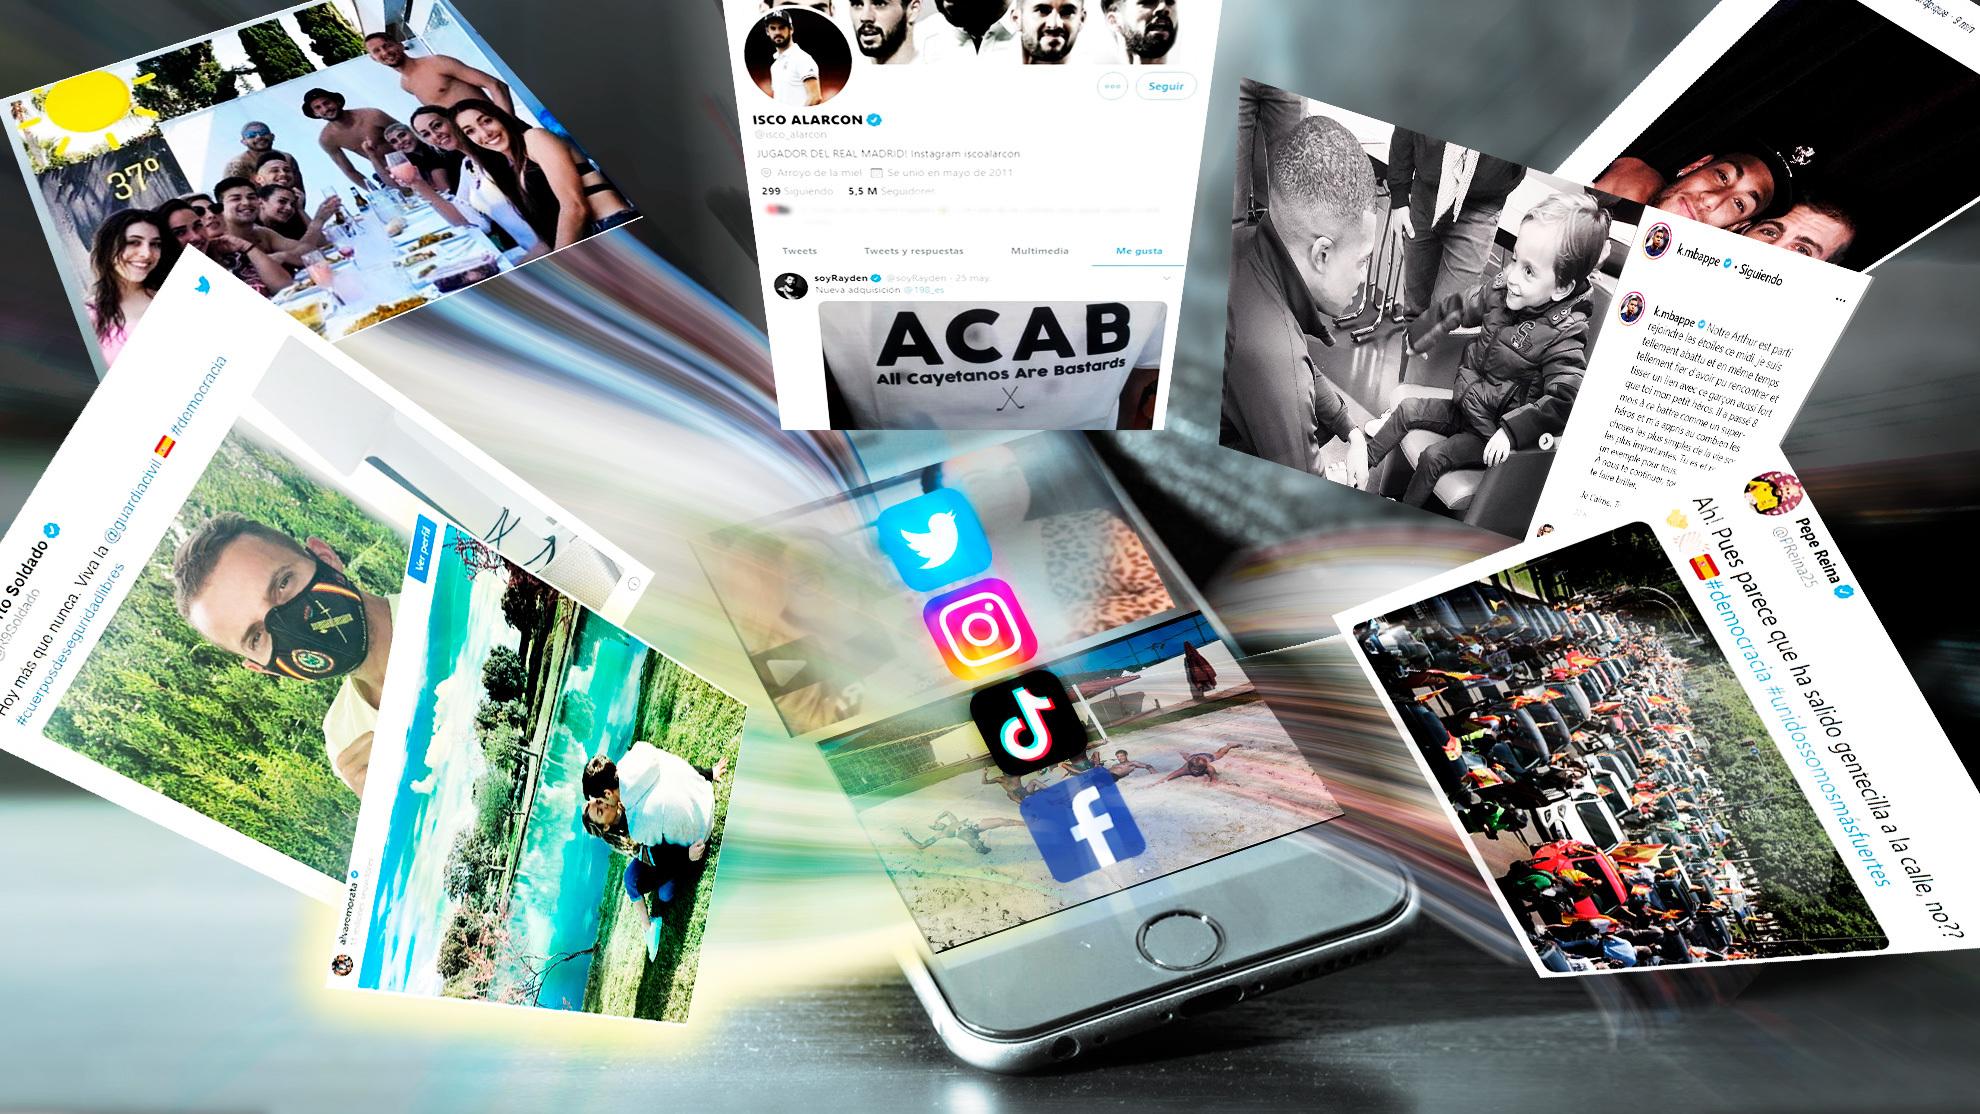 Estrellas y redes sociales: Tácticas para el éxito y golazos en propia puerta